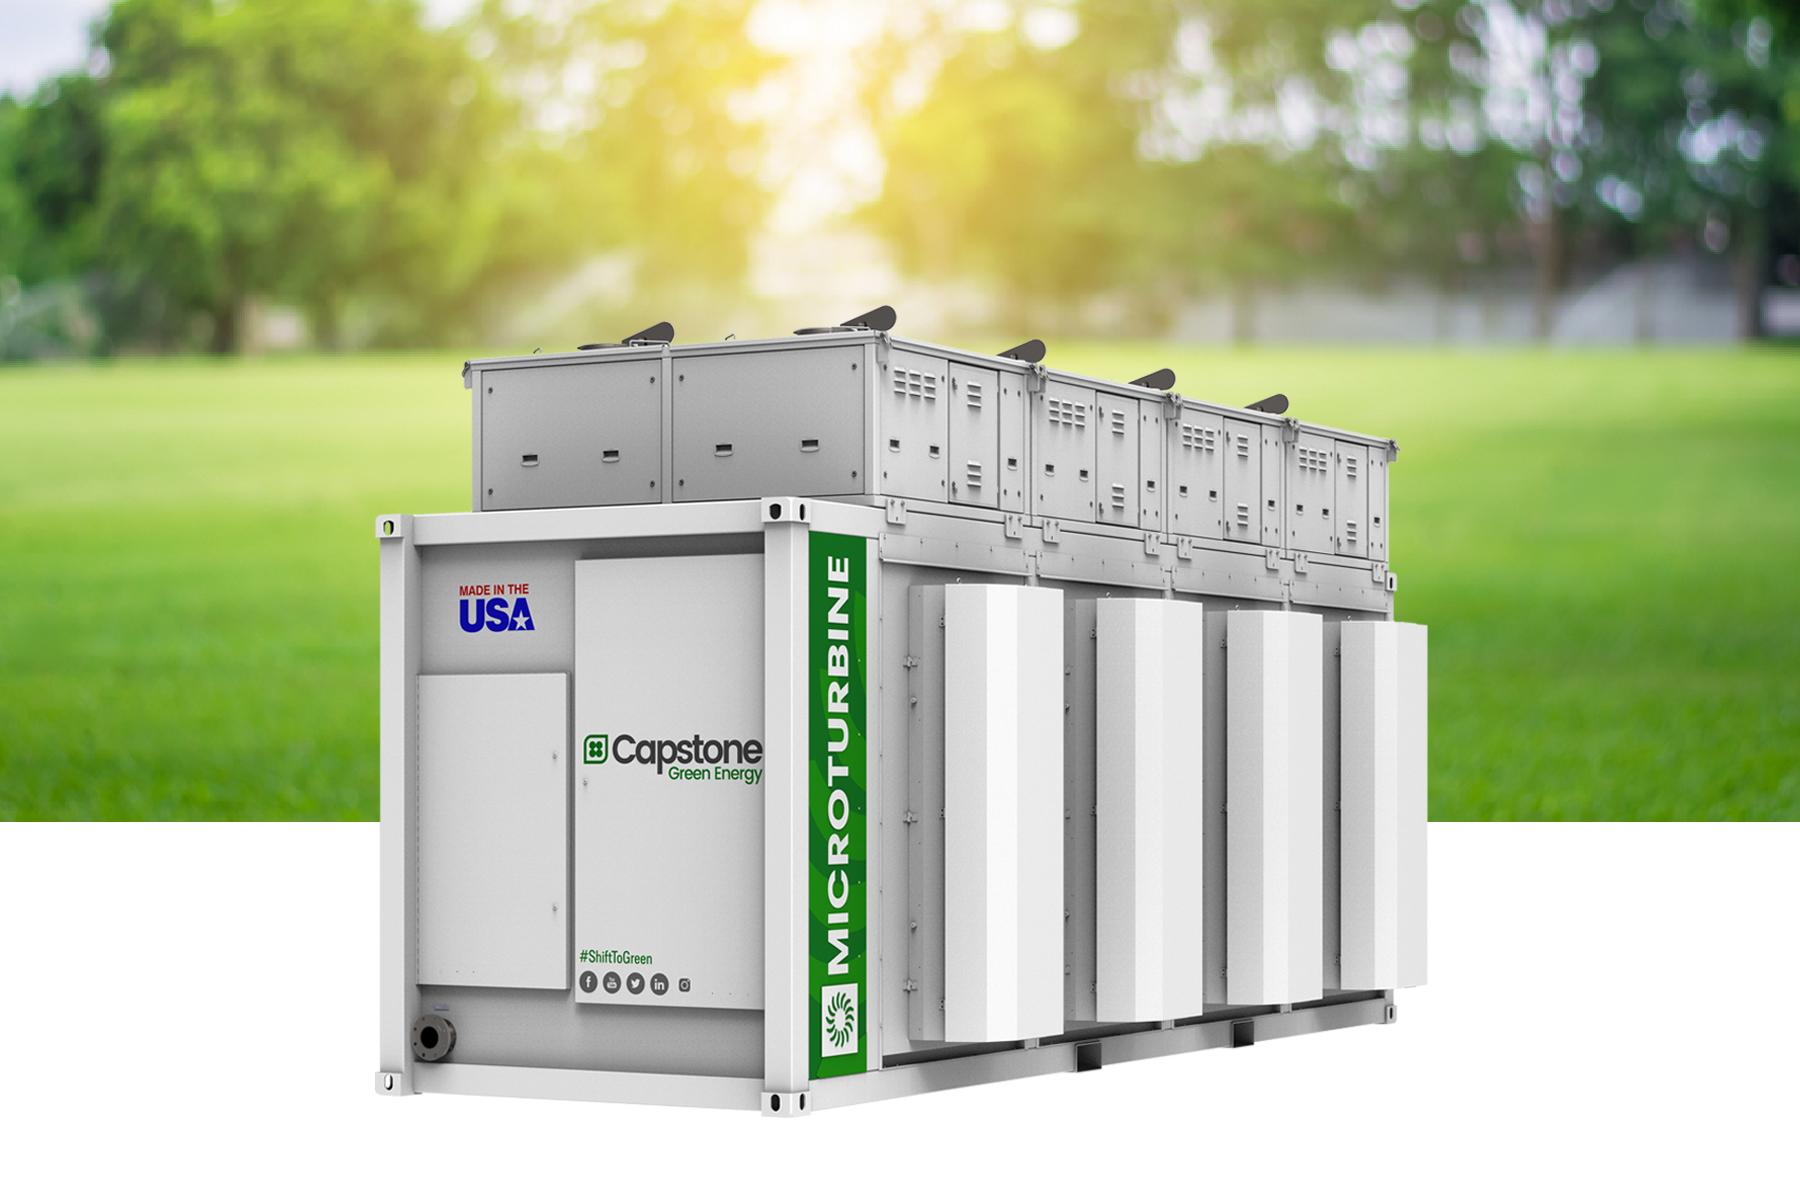 Capstone Green Energy microturbines